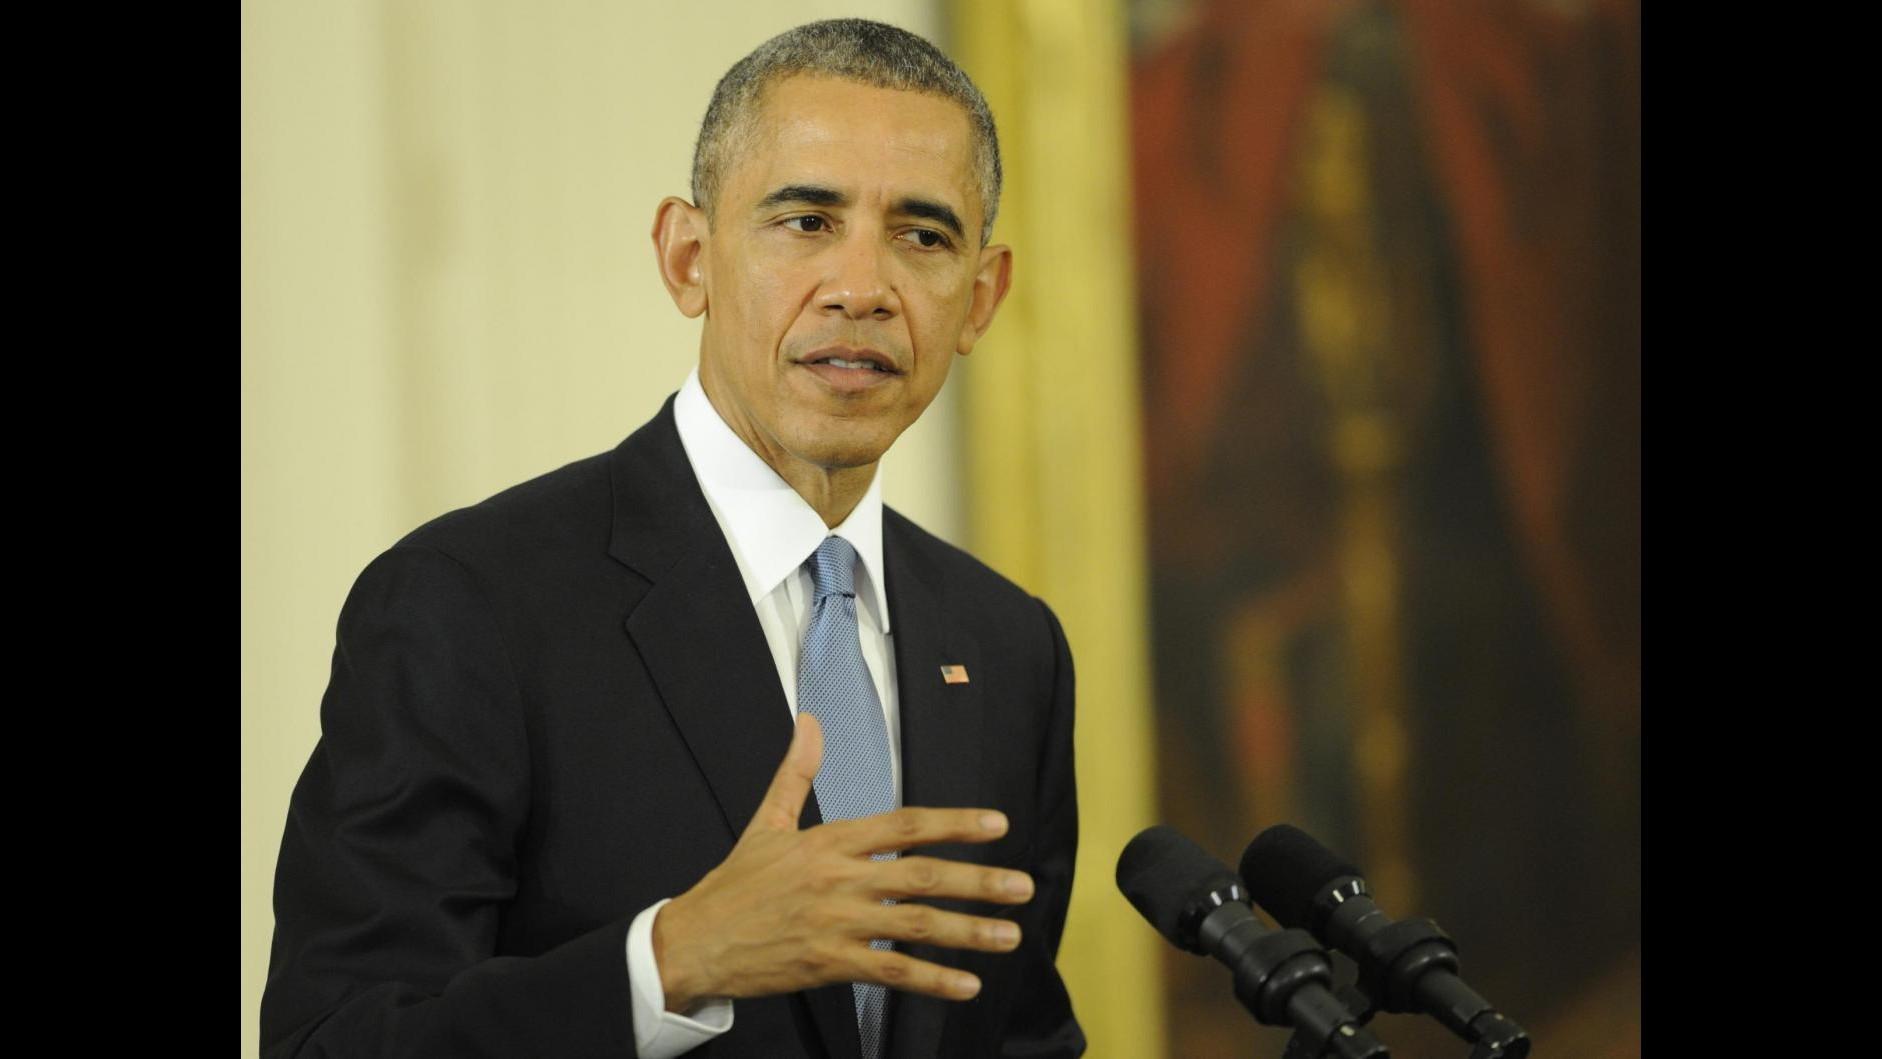 San Bernardino, Obama: Non ci lasceremo terrorizzare, rischio radicalizzazione